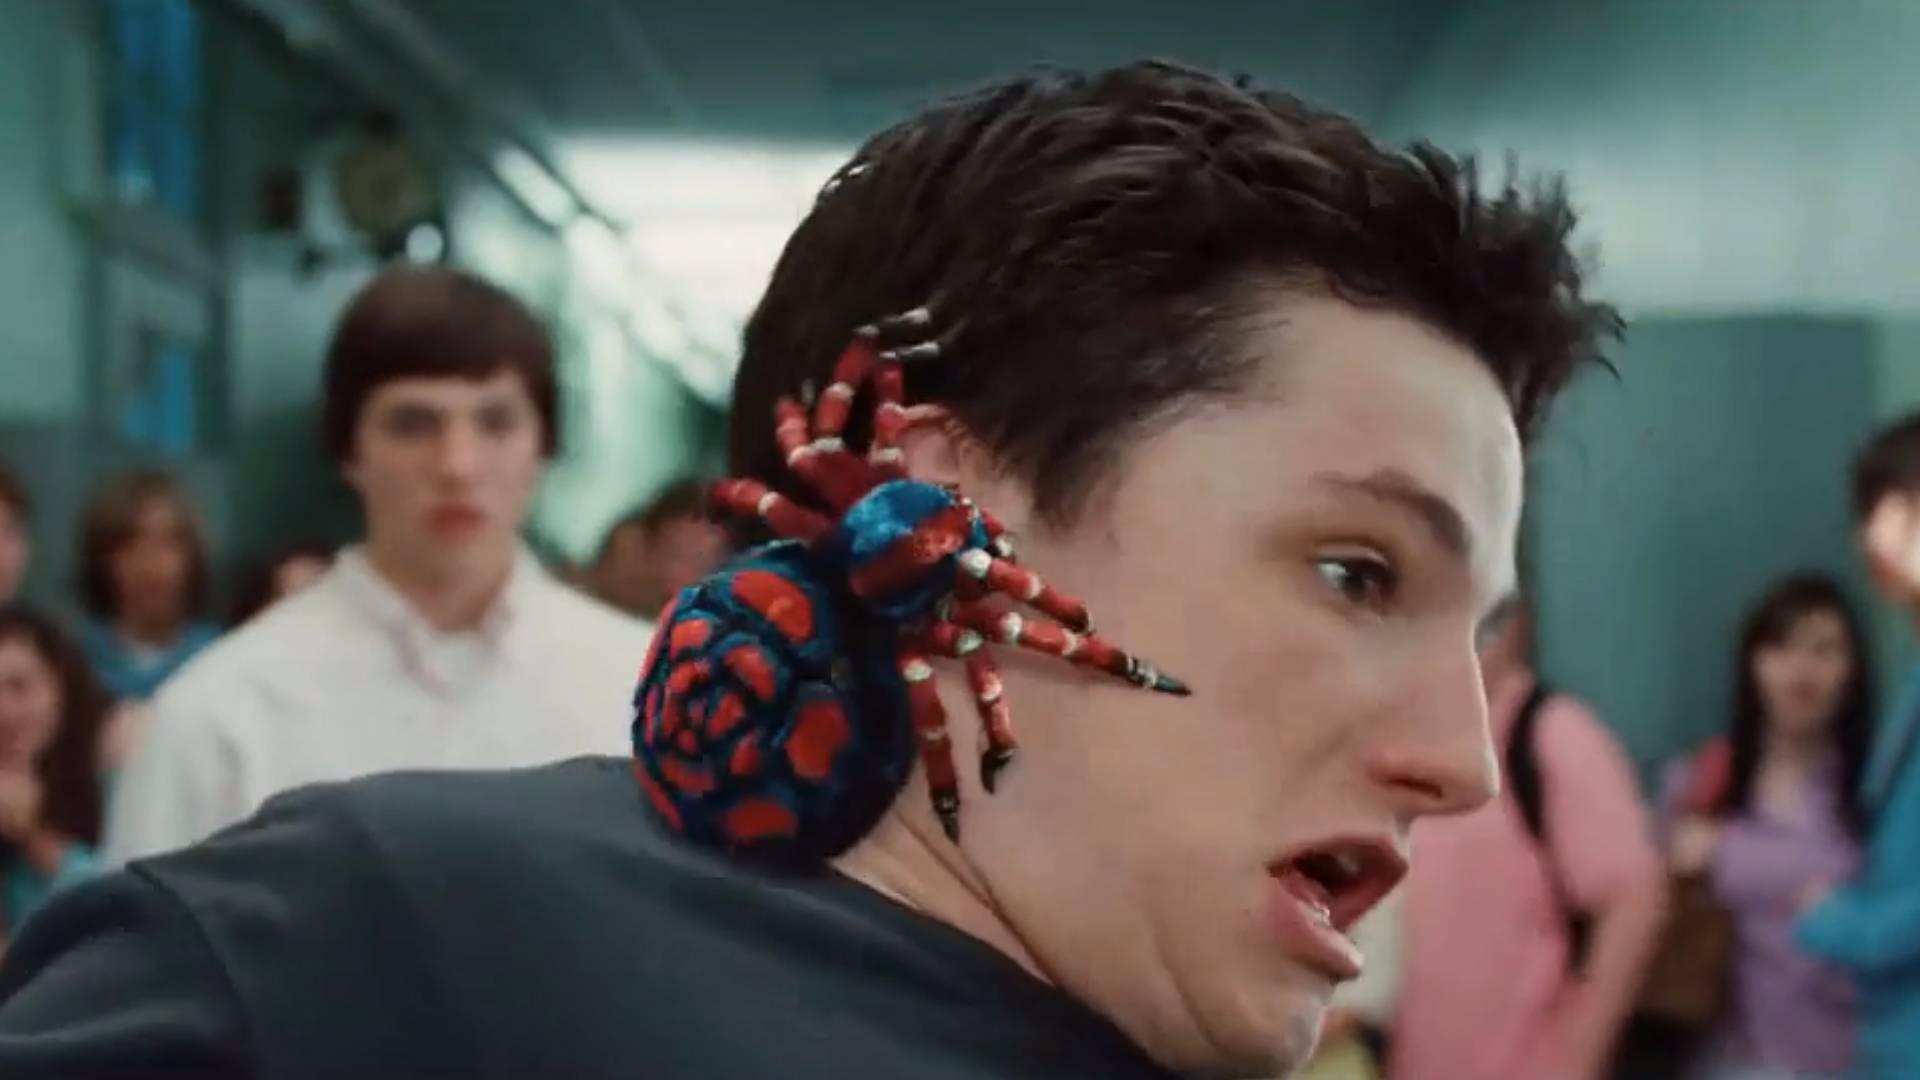 男孩被蜘蛛咬后,没有变成蜘蛛侠却变成了吸血鬼,搞笑吸血鬼电影